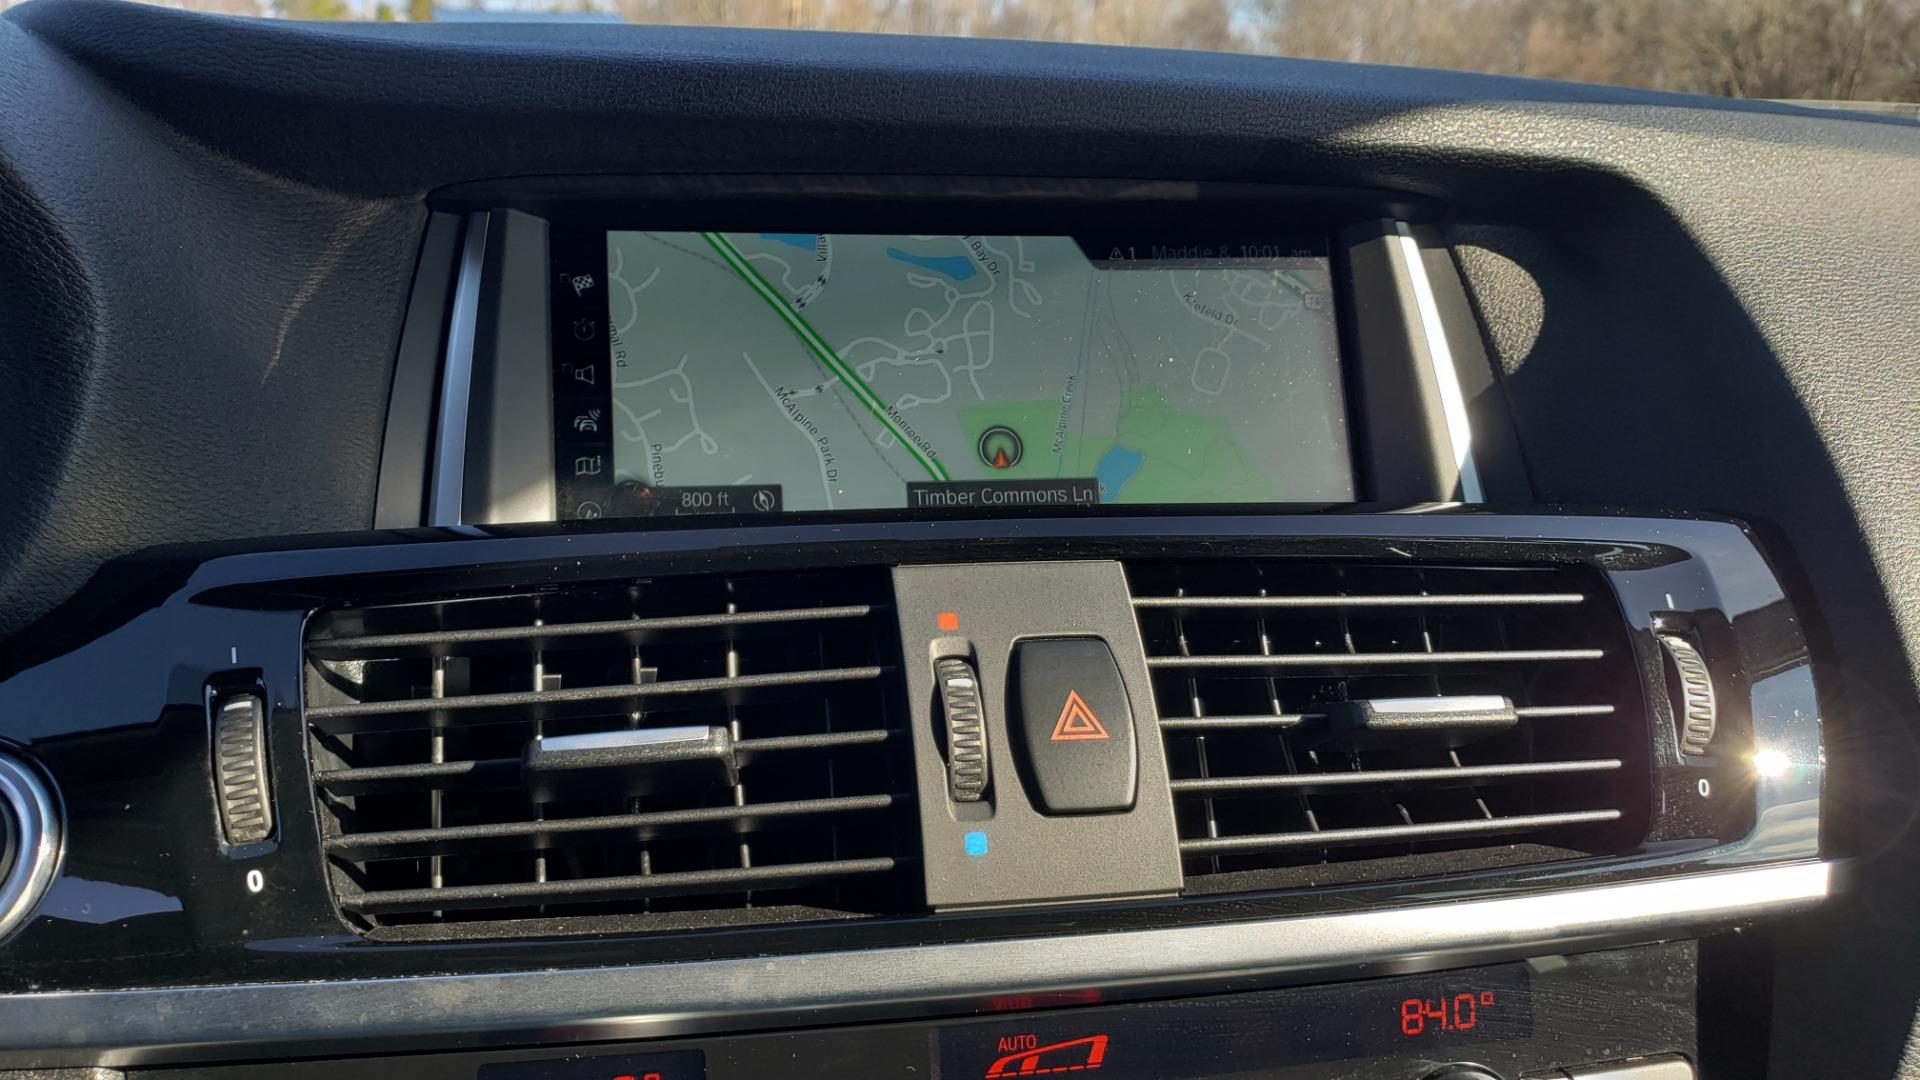 Used 2017 BMW X3 XDRIVE28I / PREM PKG / NAV / DRVR ASST / HTD STS / CAMERAS for sale Sold at Formula Imports in Charlotte NC 28227 56